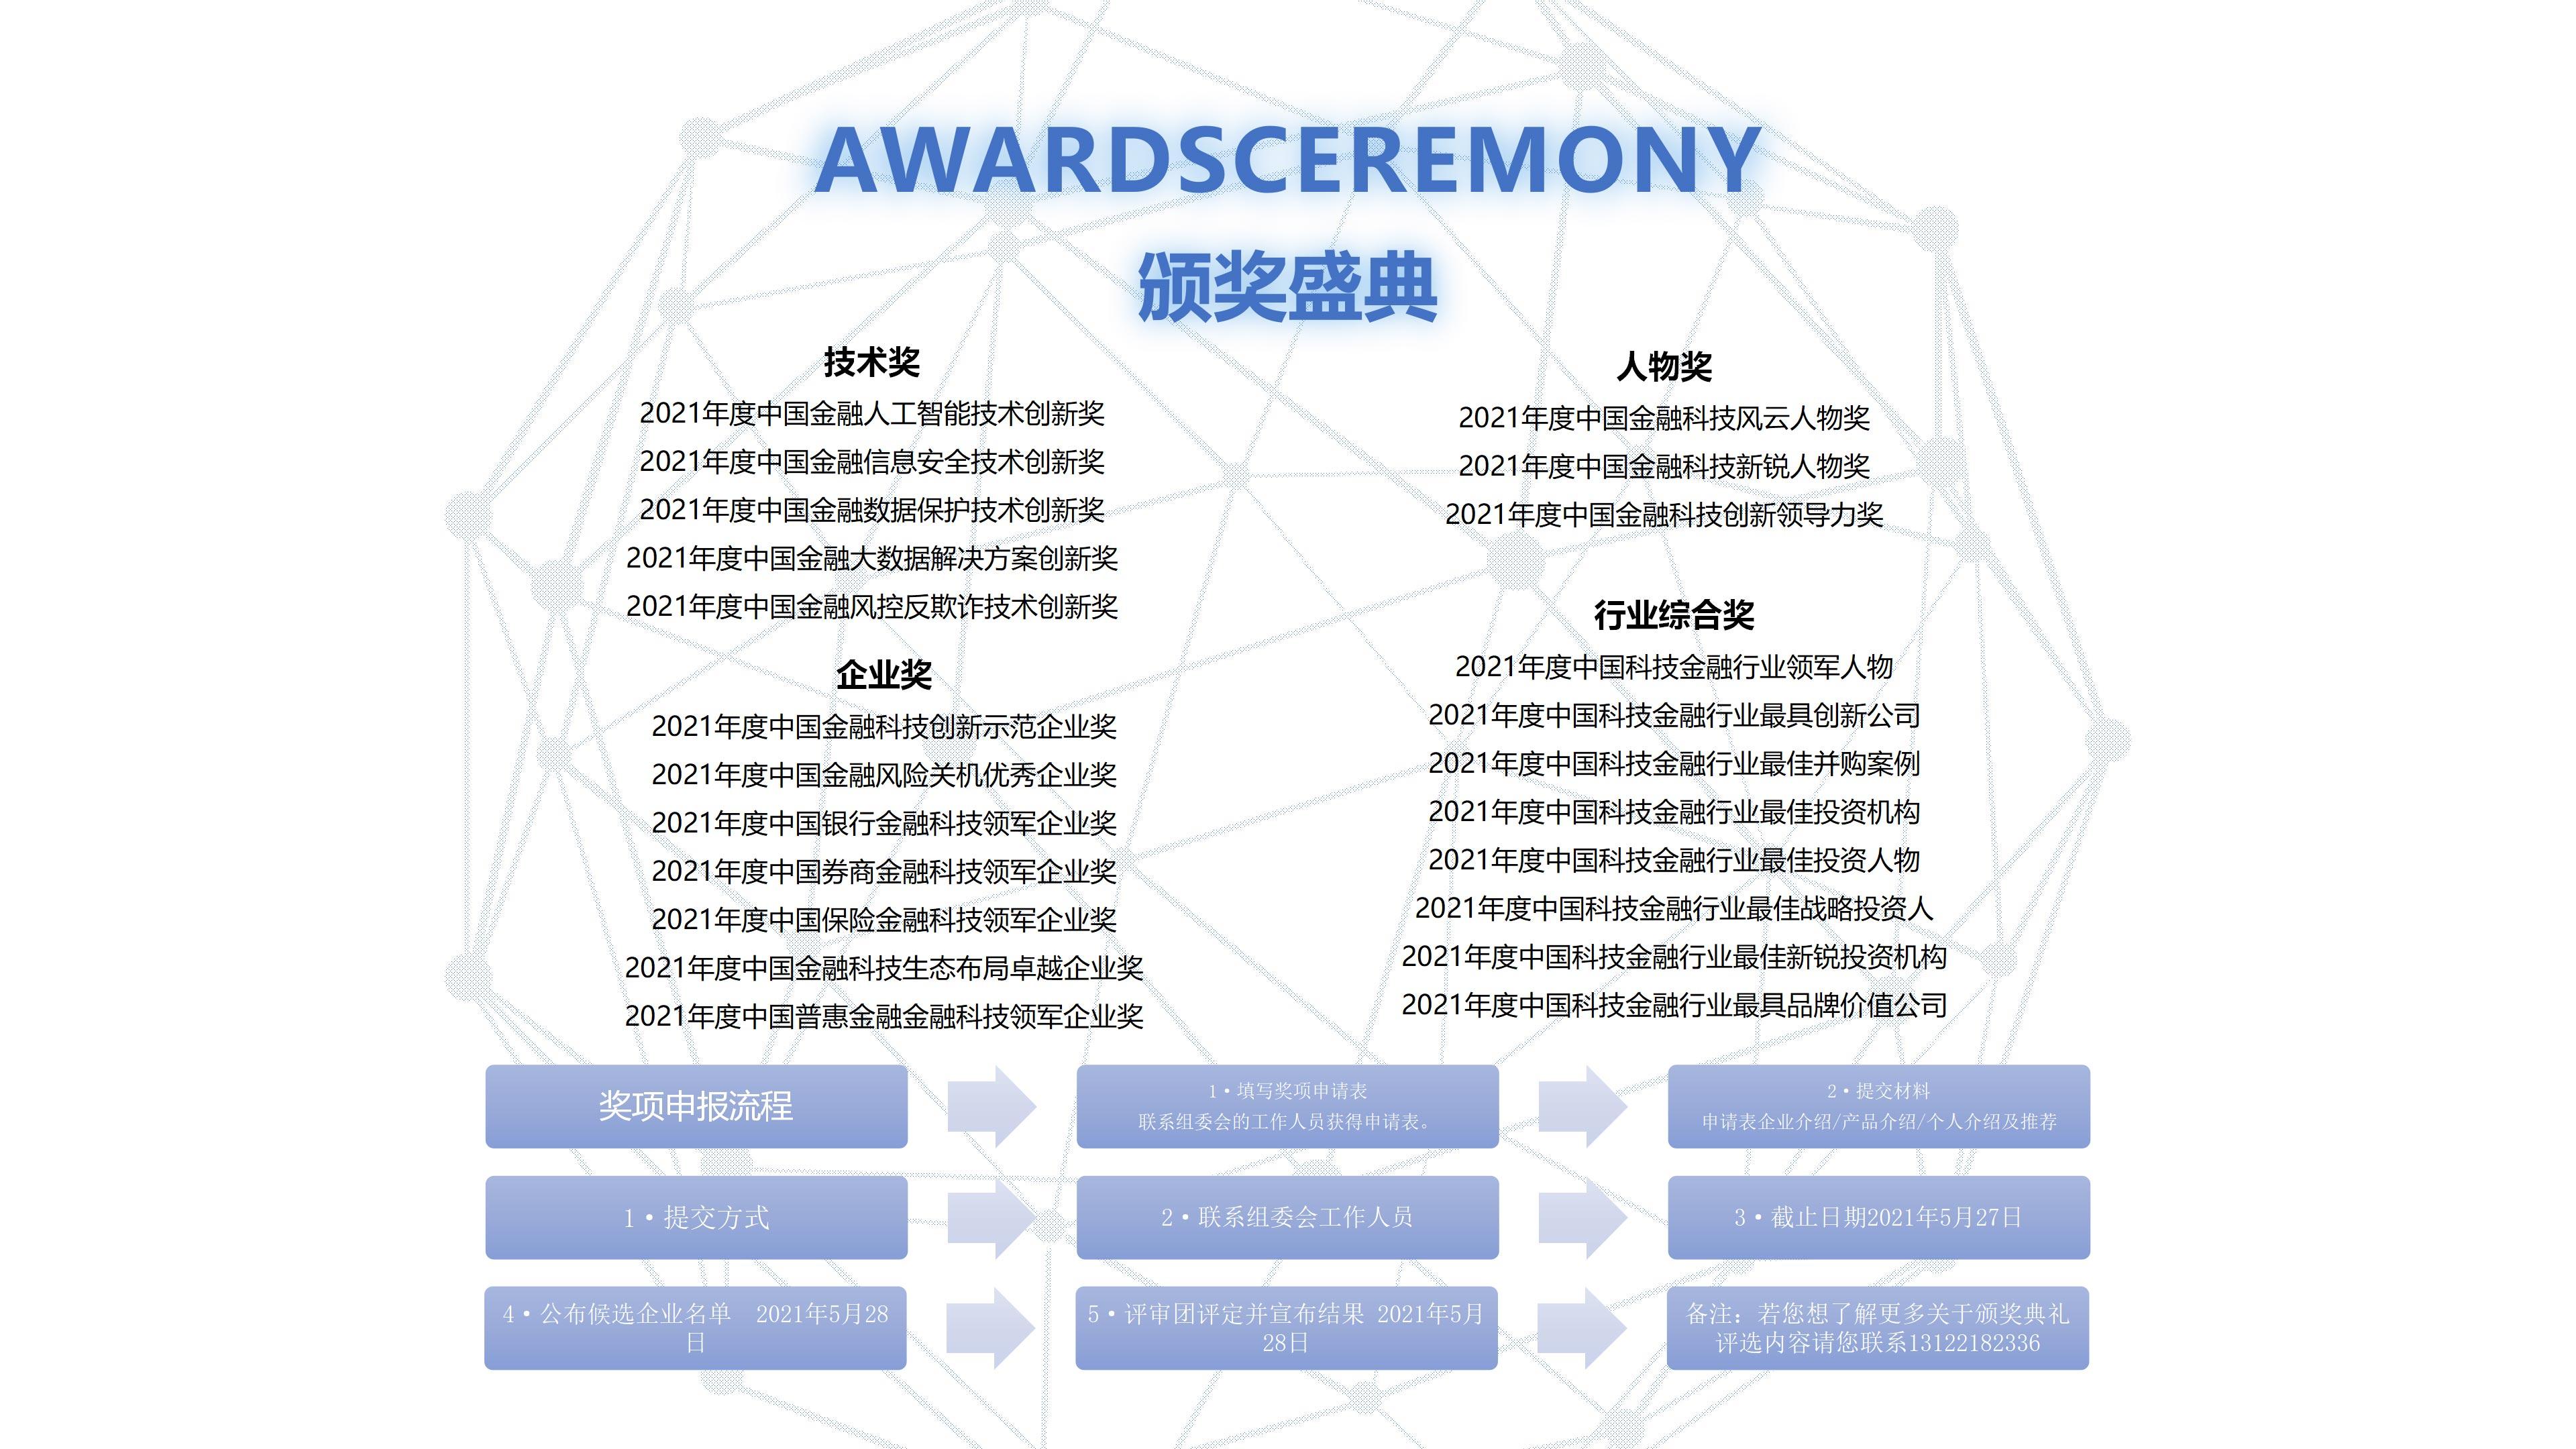 2021第三屆中國金融科技國際峰會